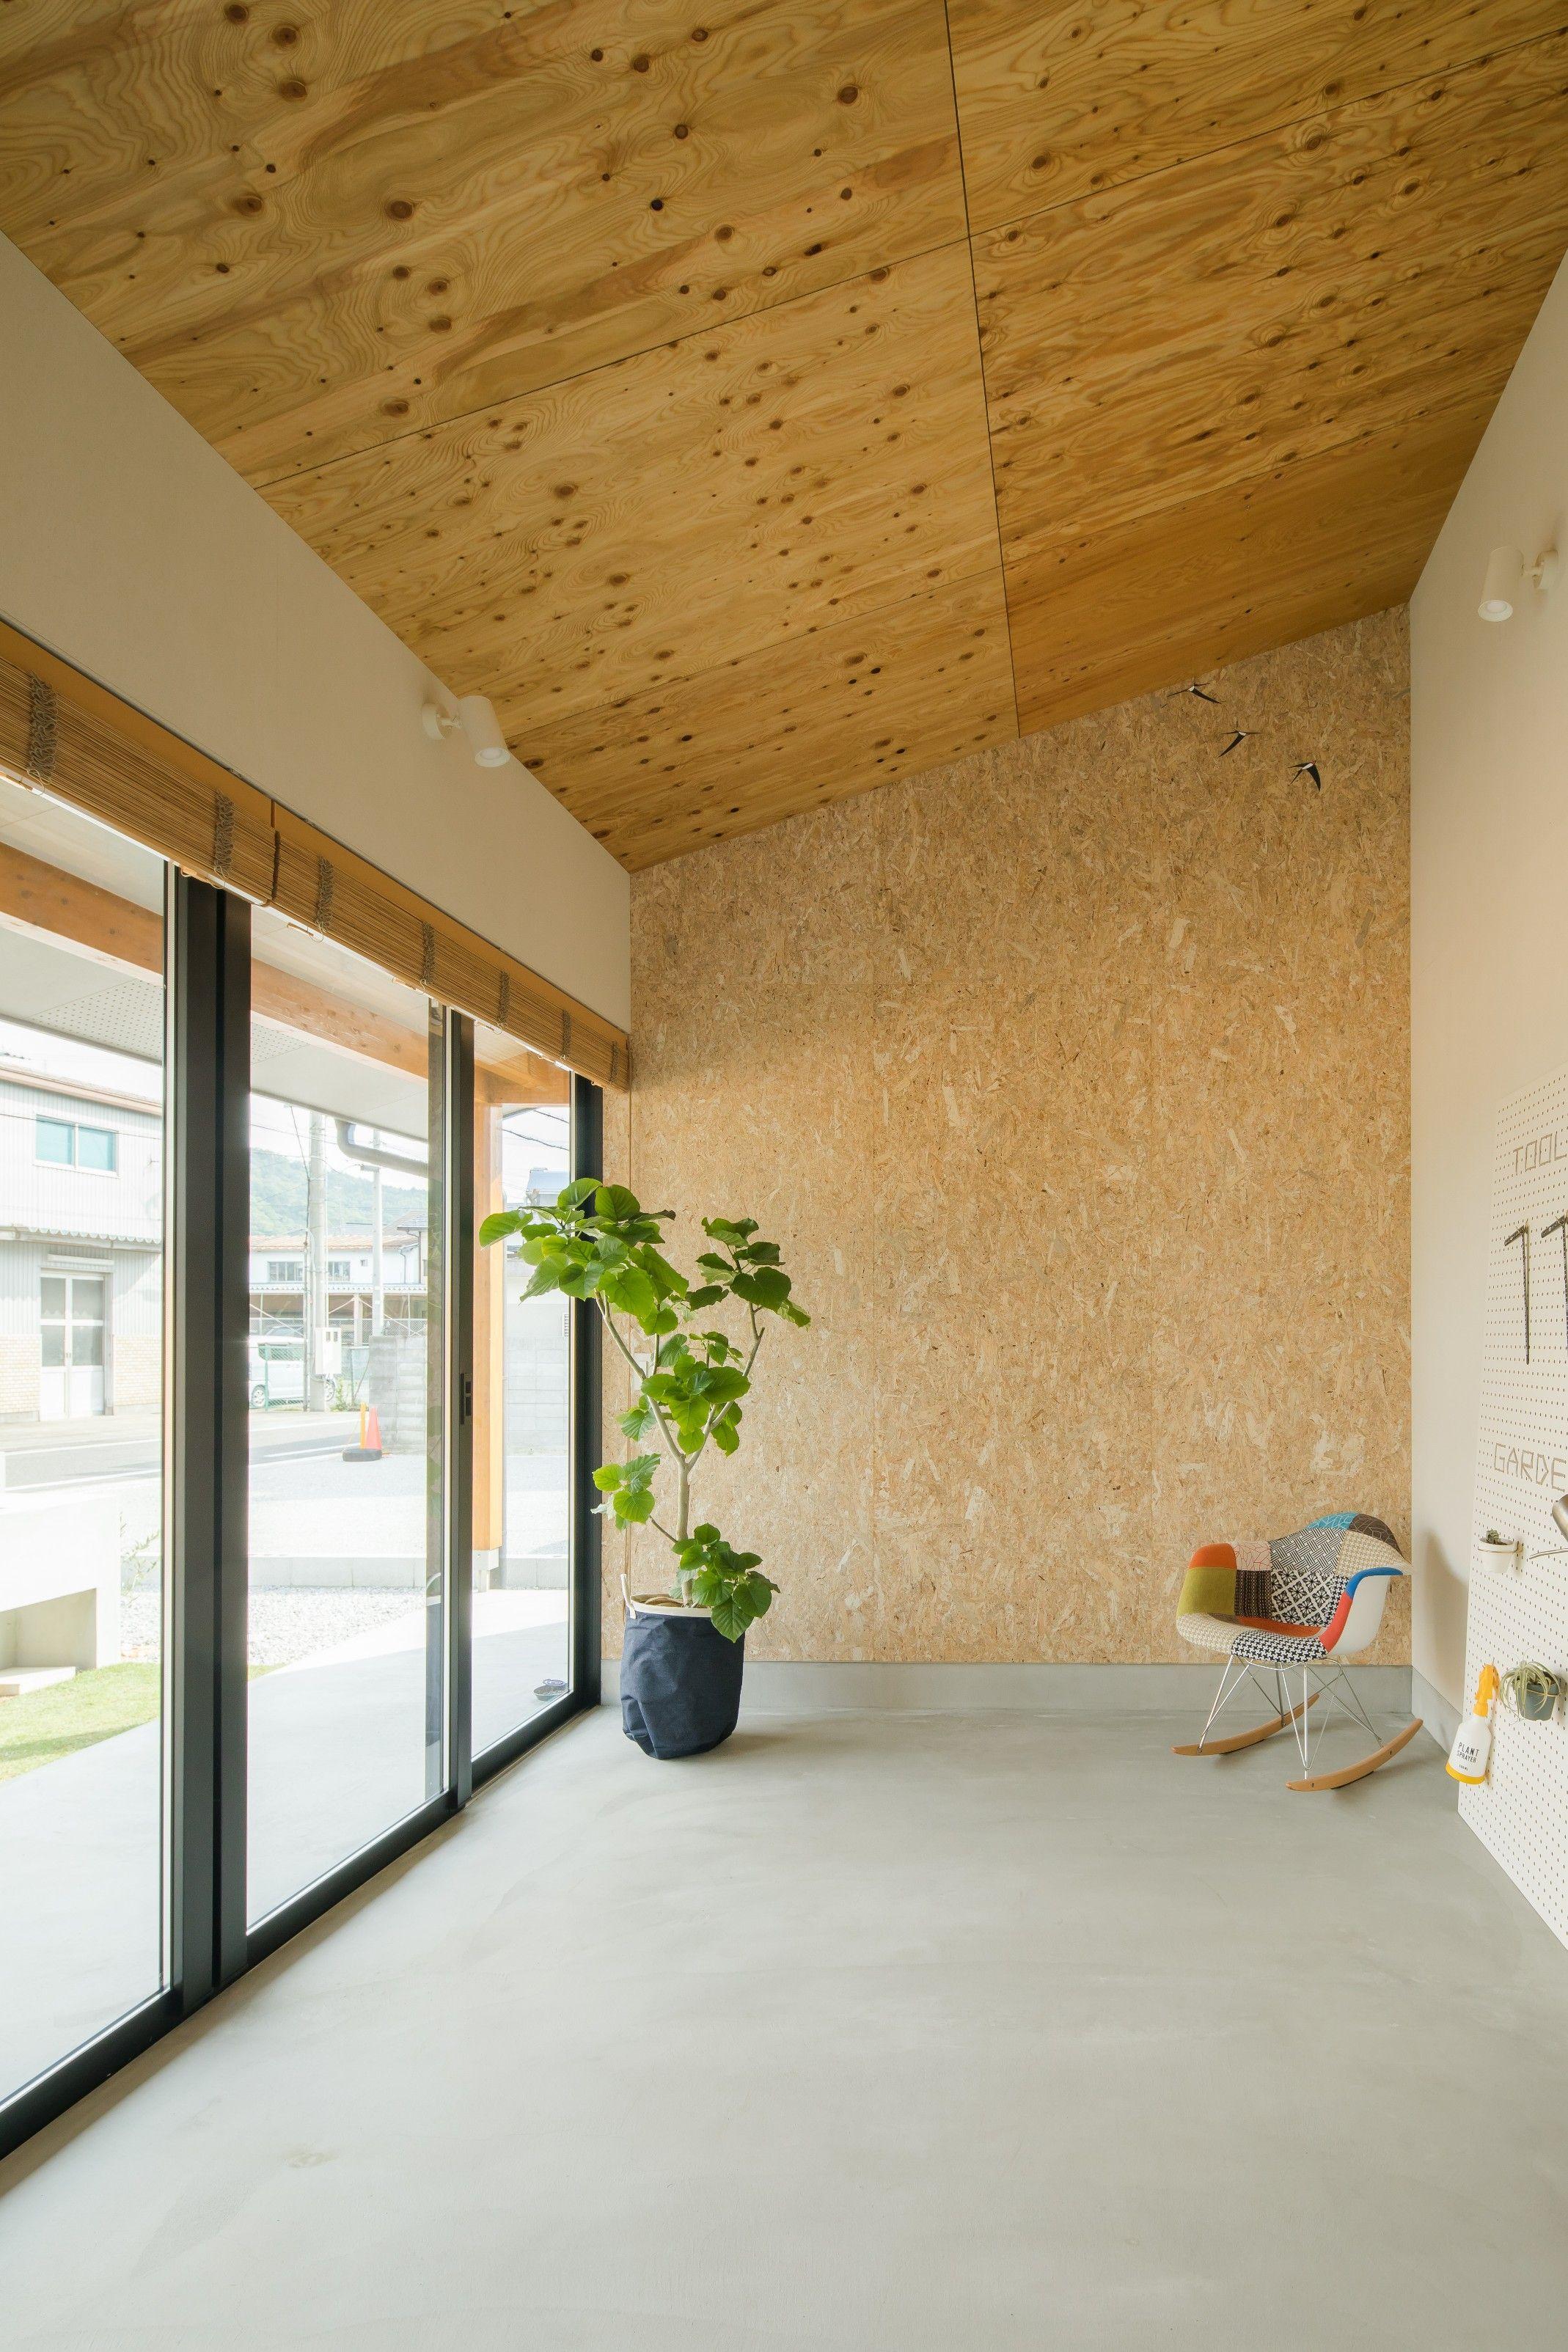 木をあしらった 玄関 フロア兼用の土間の天井 ルポハウス 設計事務